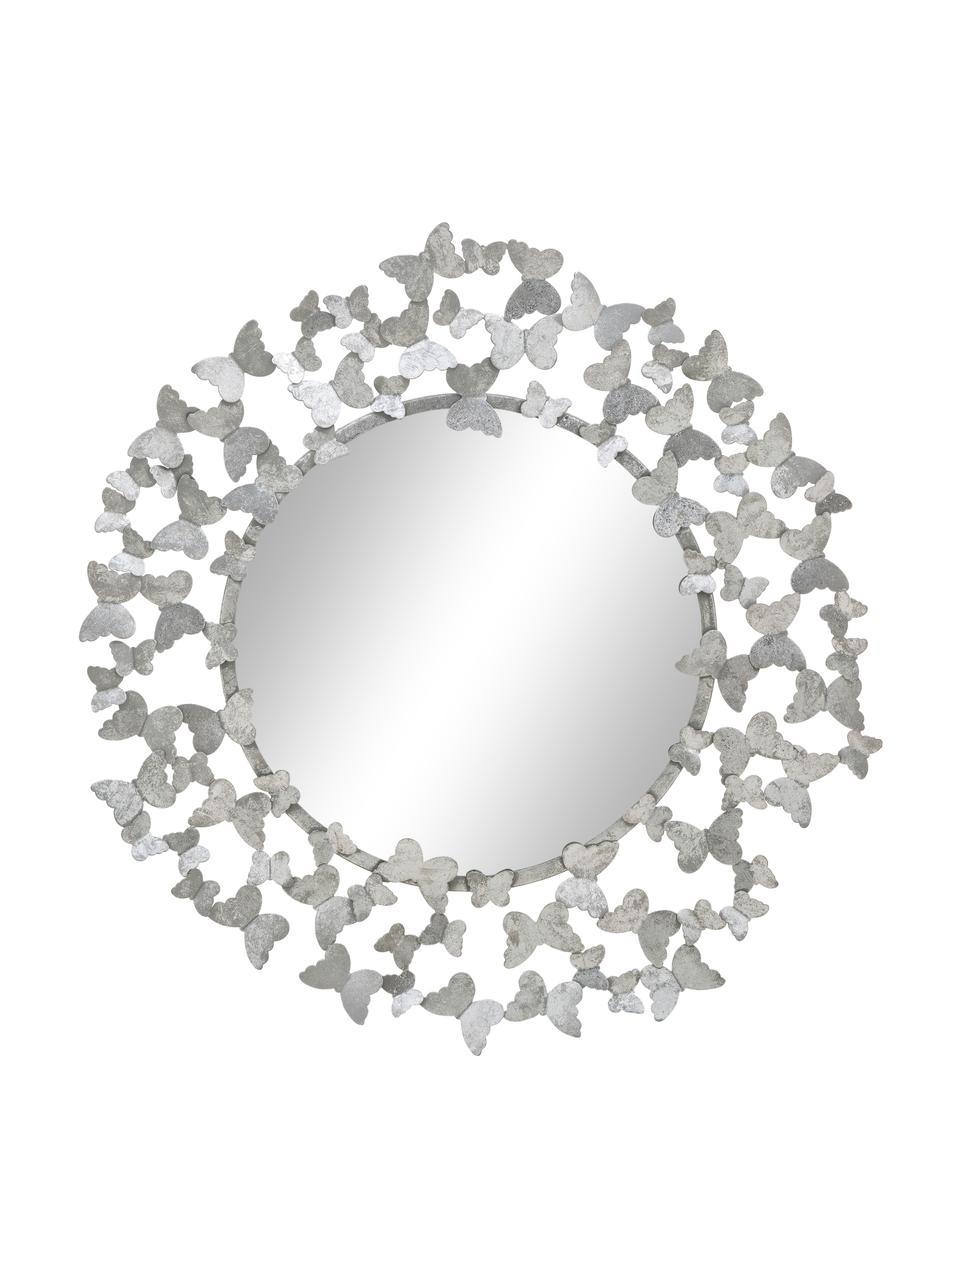 Specchio da parete con cornice in metallo argentato Butterfly, Cornice: metallo, Retro: pannello di fibra a media, Superficie dello specchio: lastra di vetro, Argentato, Ø 67 cm x Prof. 4 cm